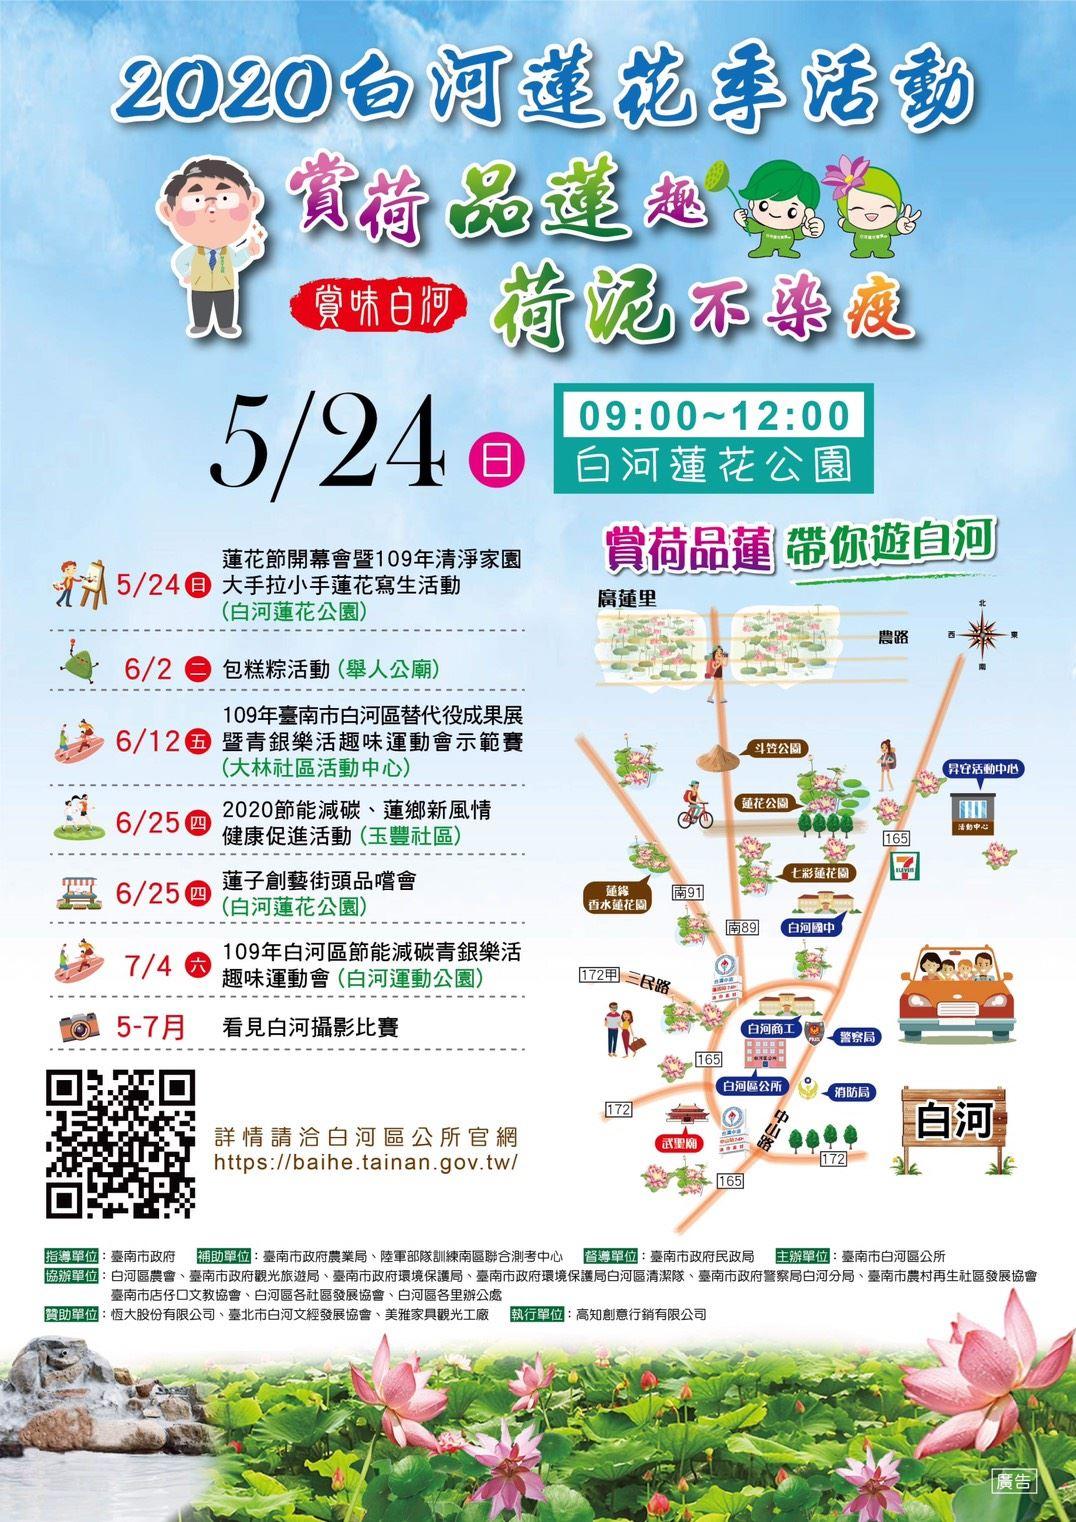 台南市白河區公所舉辦「2020白河蓮花季系列活動」,帶您一起賞荷品蓮!